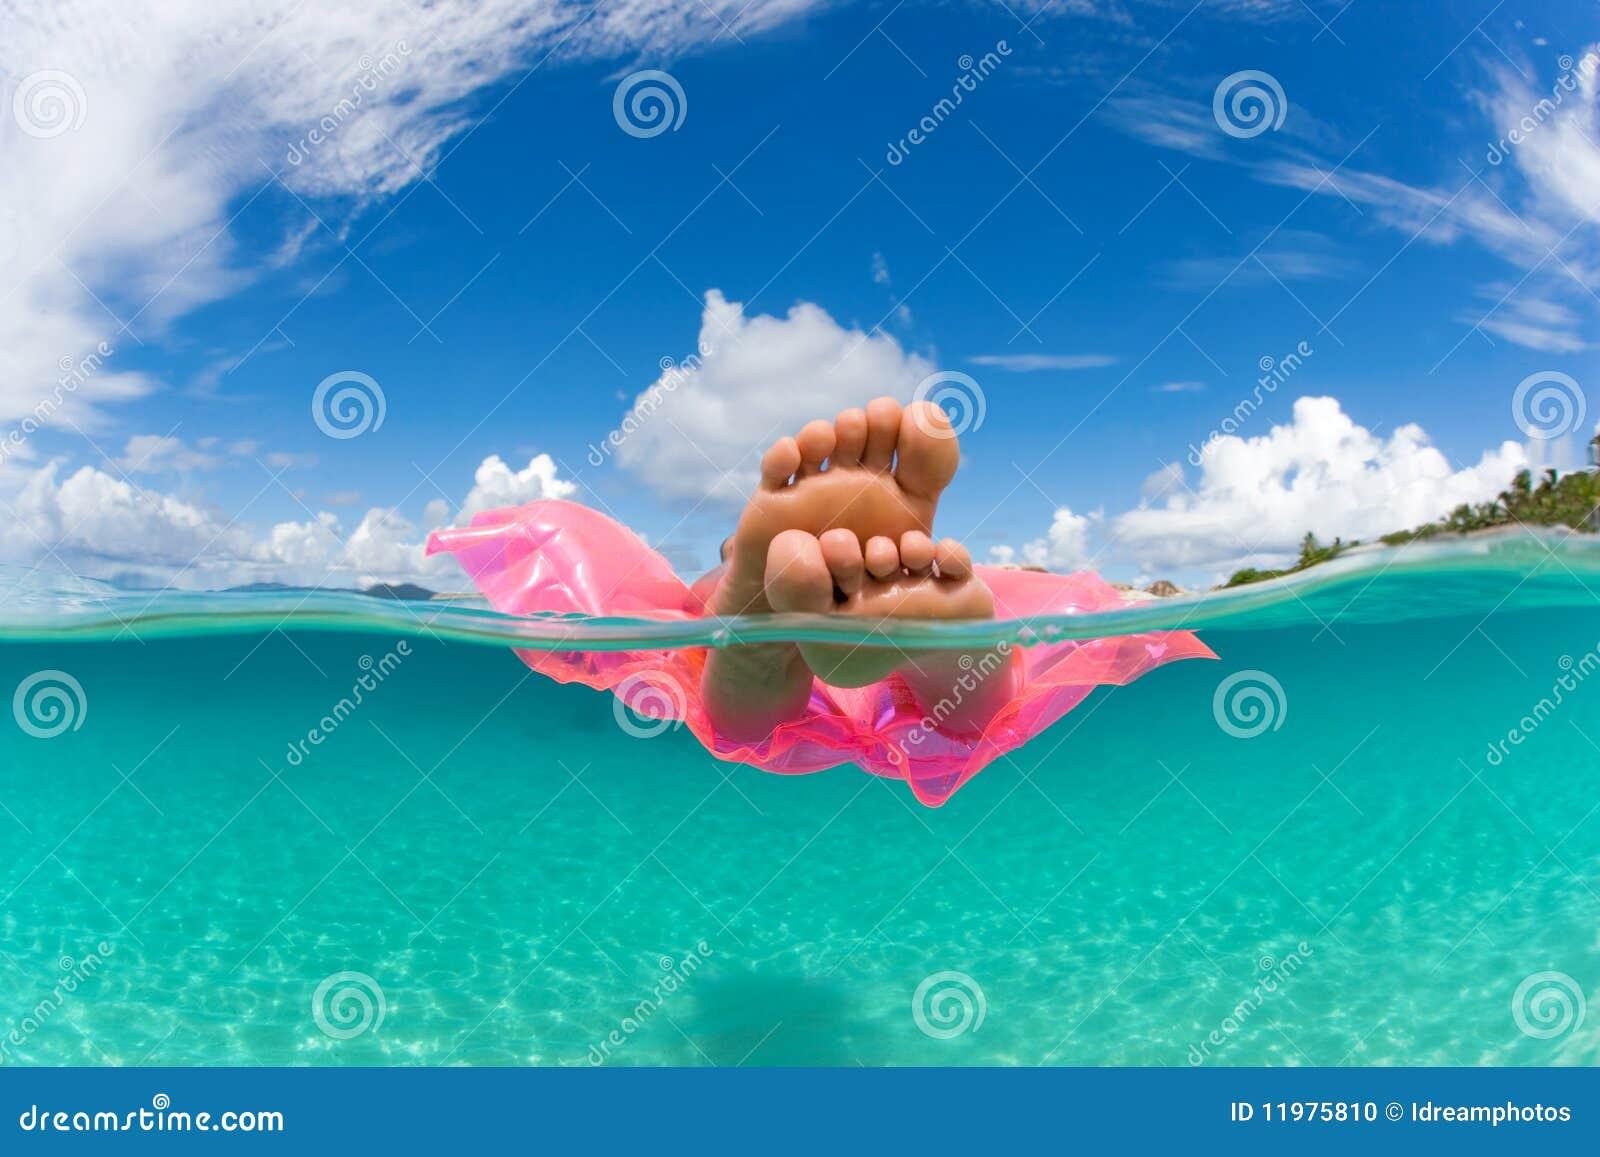 Pływakowej tratwy tropikalna wodna kobieta